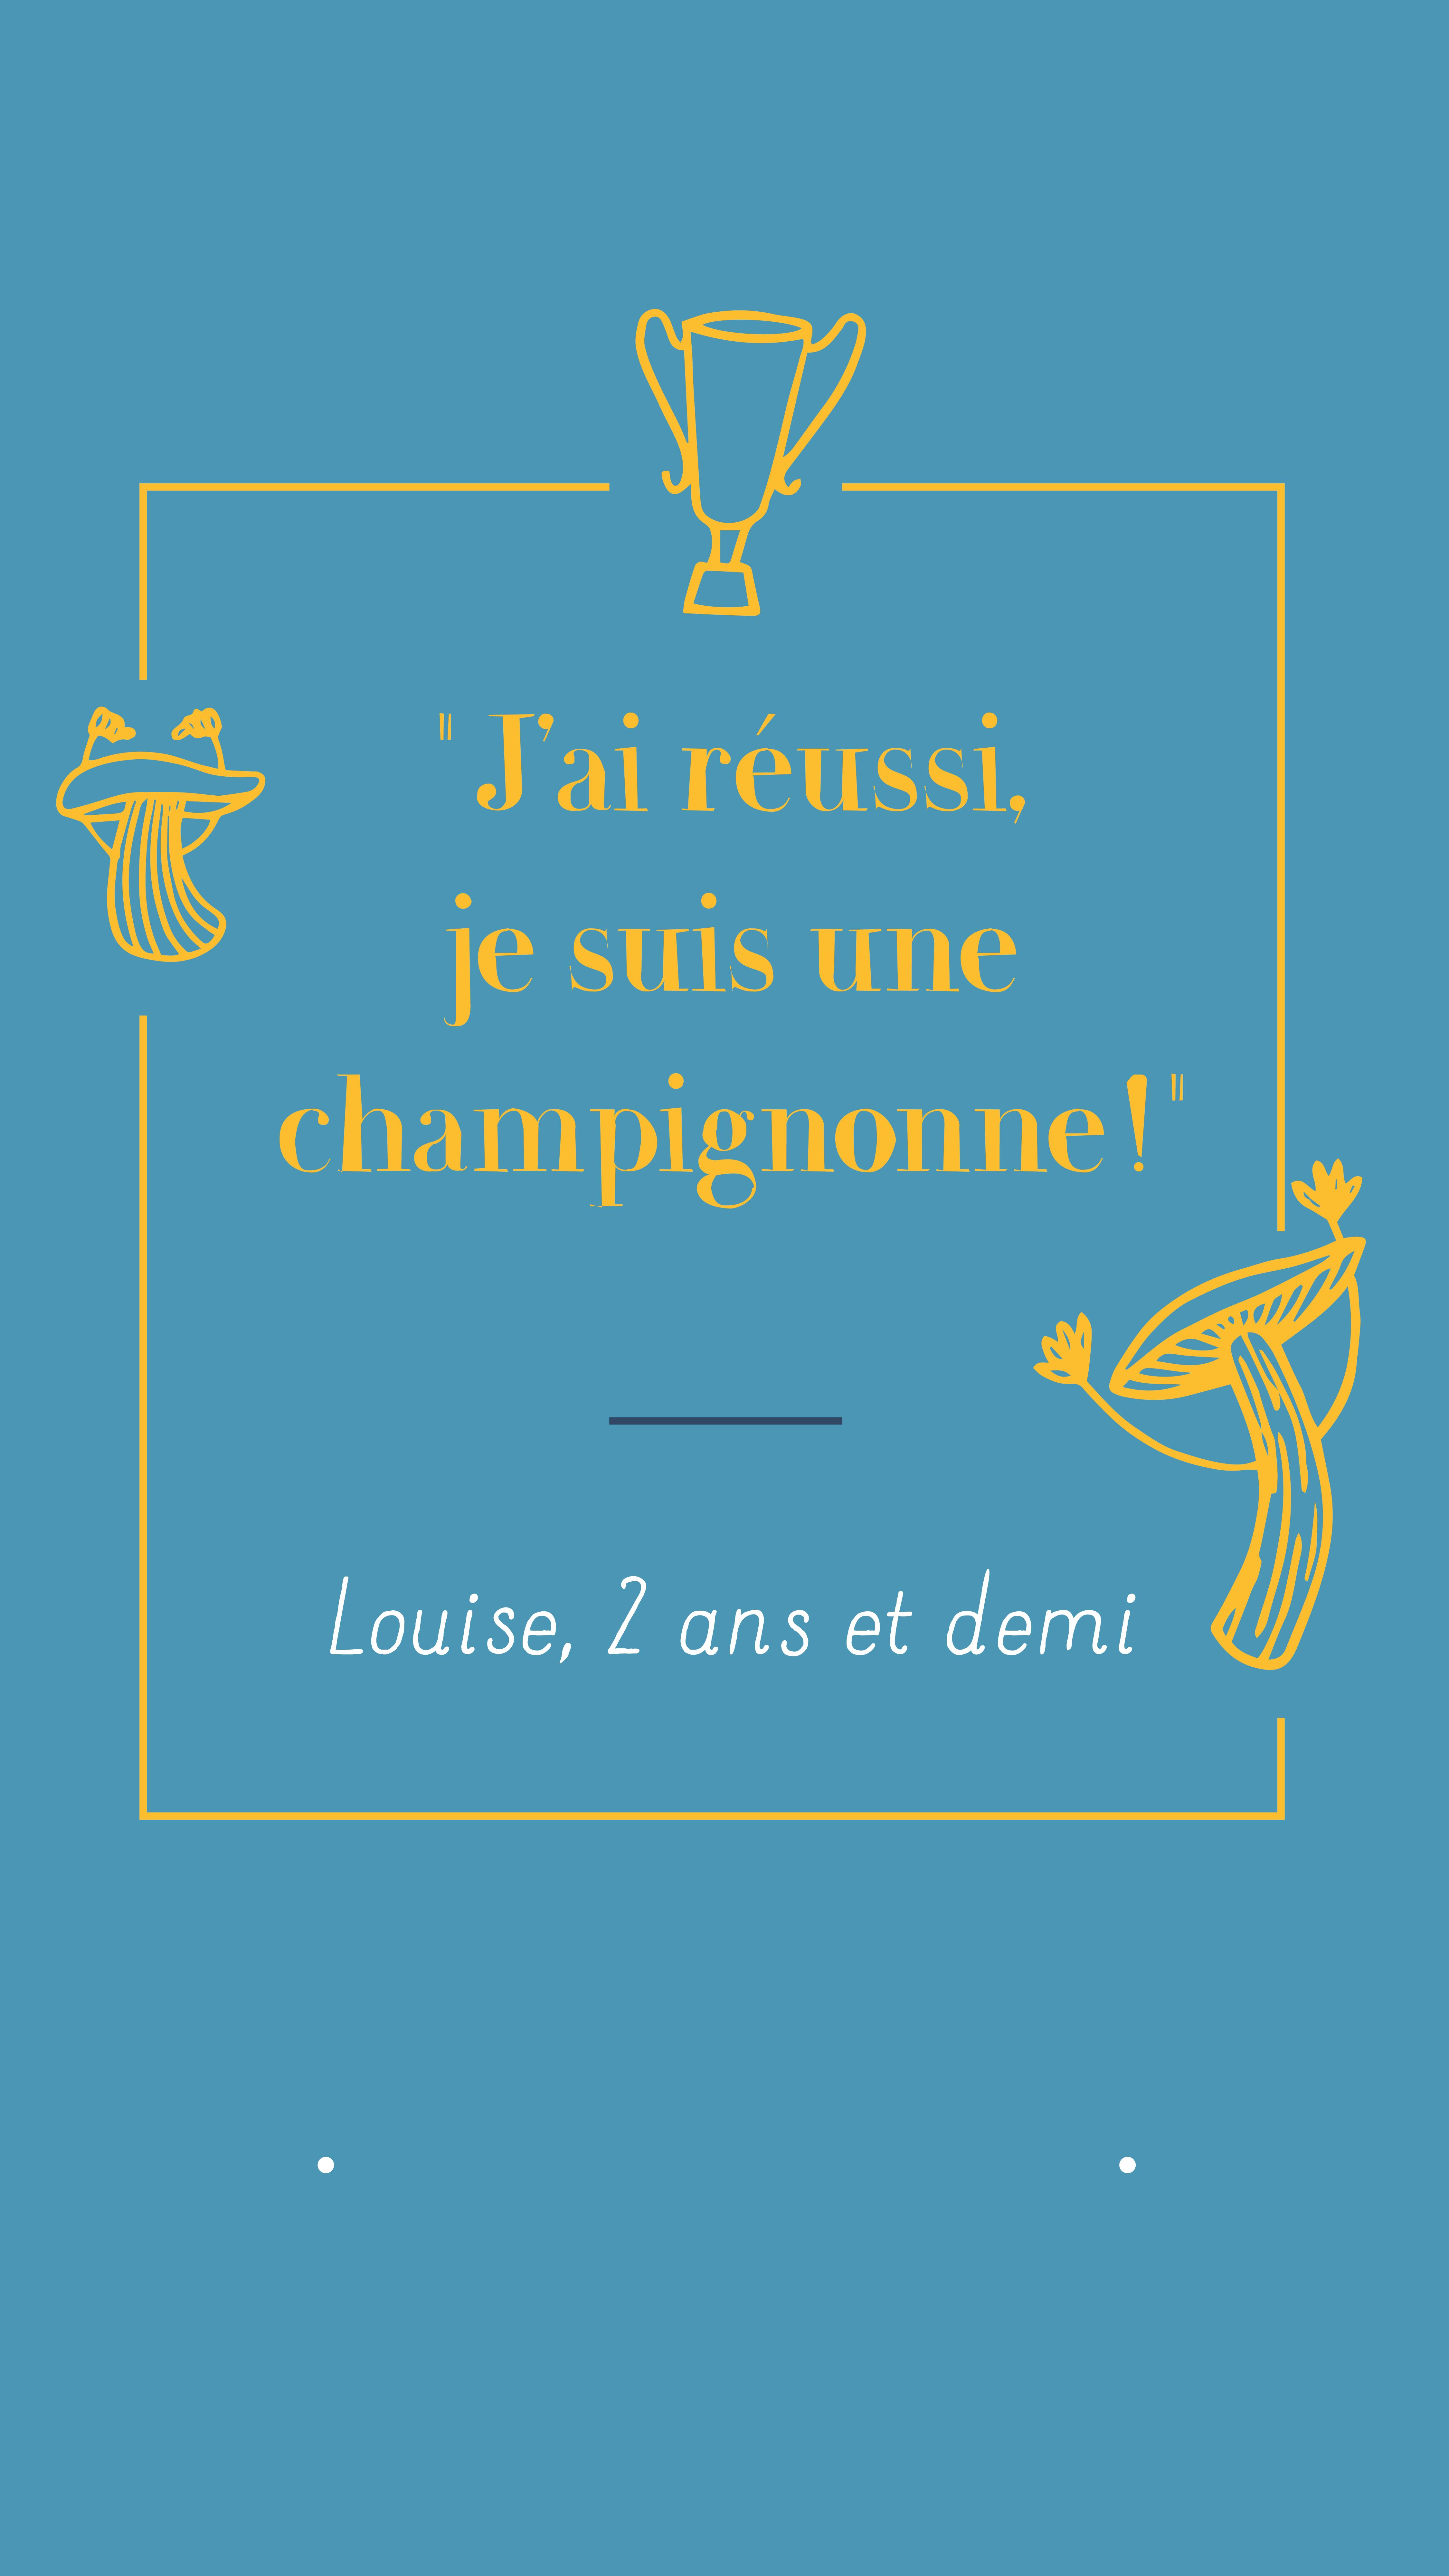 story citation champignonne